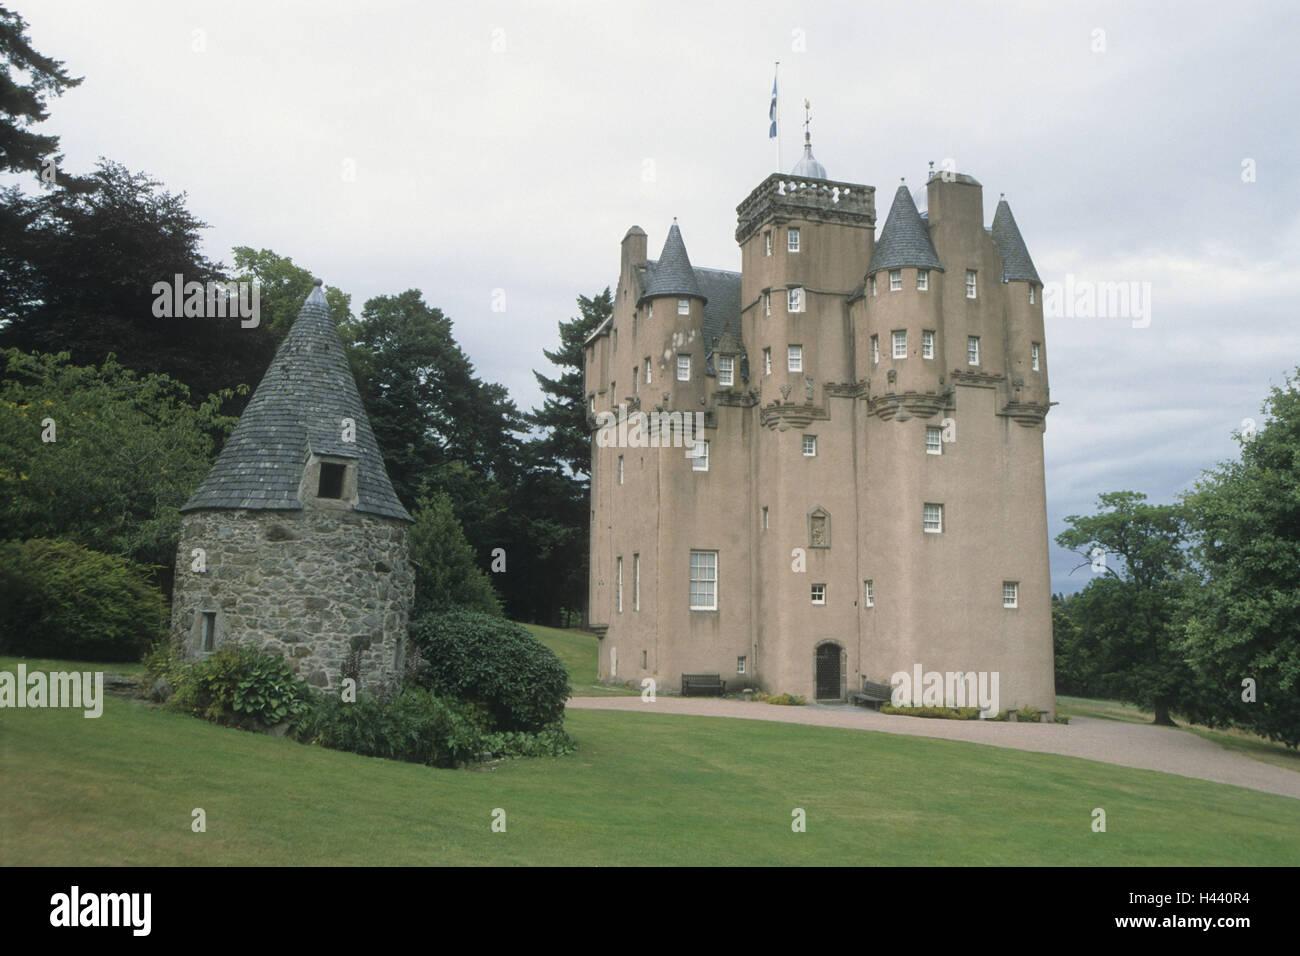 Great Britain, Scotland, Aberdeenshire, Alford, Craigievar Castle, - Stock Image